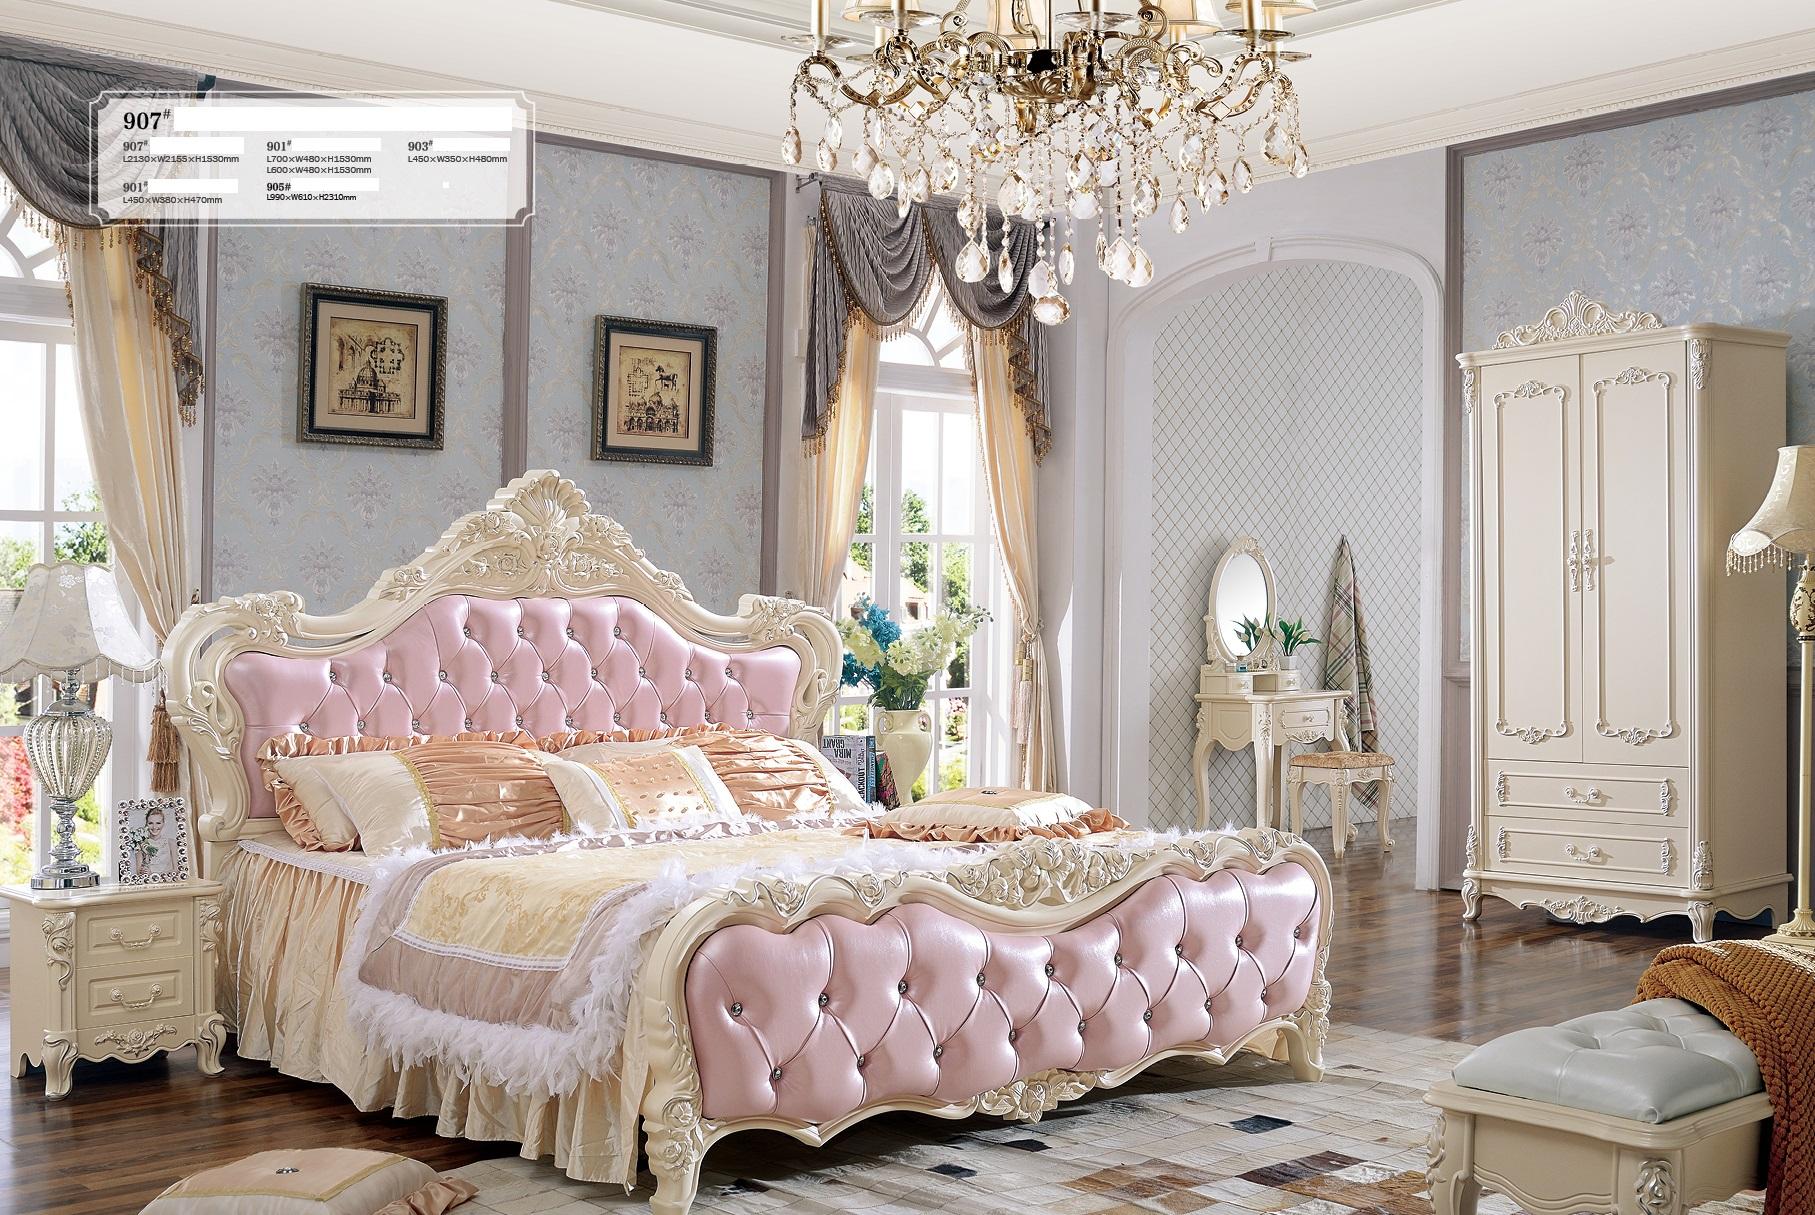 Full Size of Chesterfield Bett Luxus Betten Knigliches Leder Palast Hotel 1 40 Romantisches 90x200 Weiß Metall Mit Schubladen Stauraum 160x200 Wand 100x200 Erhöhtes Bett Chesterfield Bett